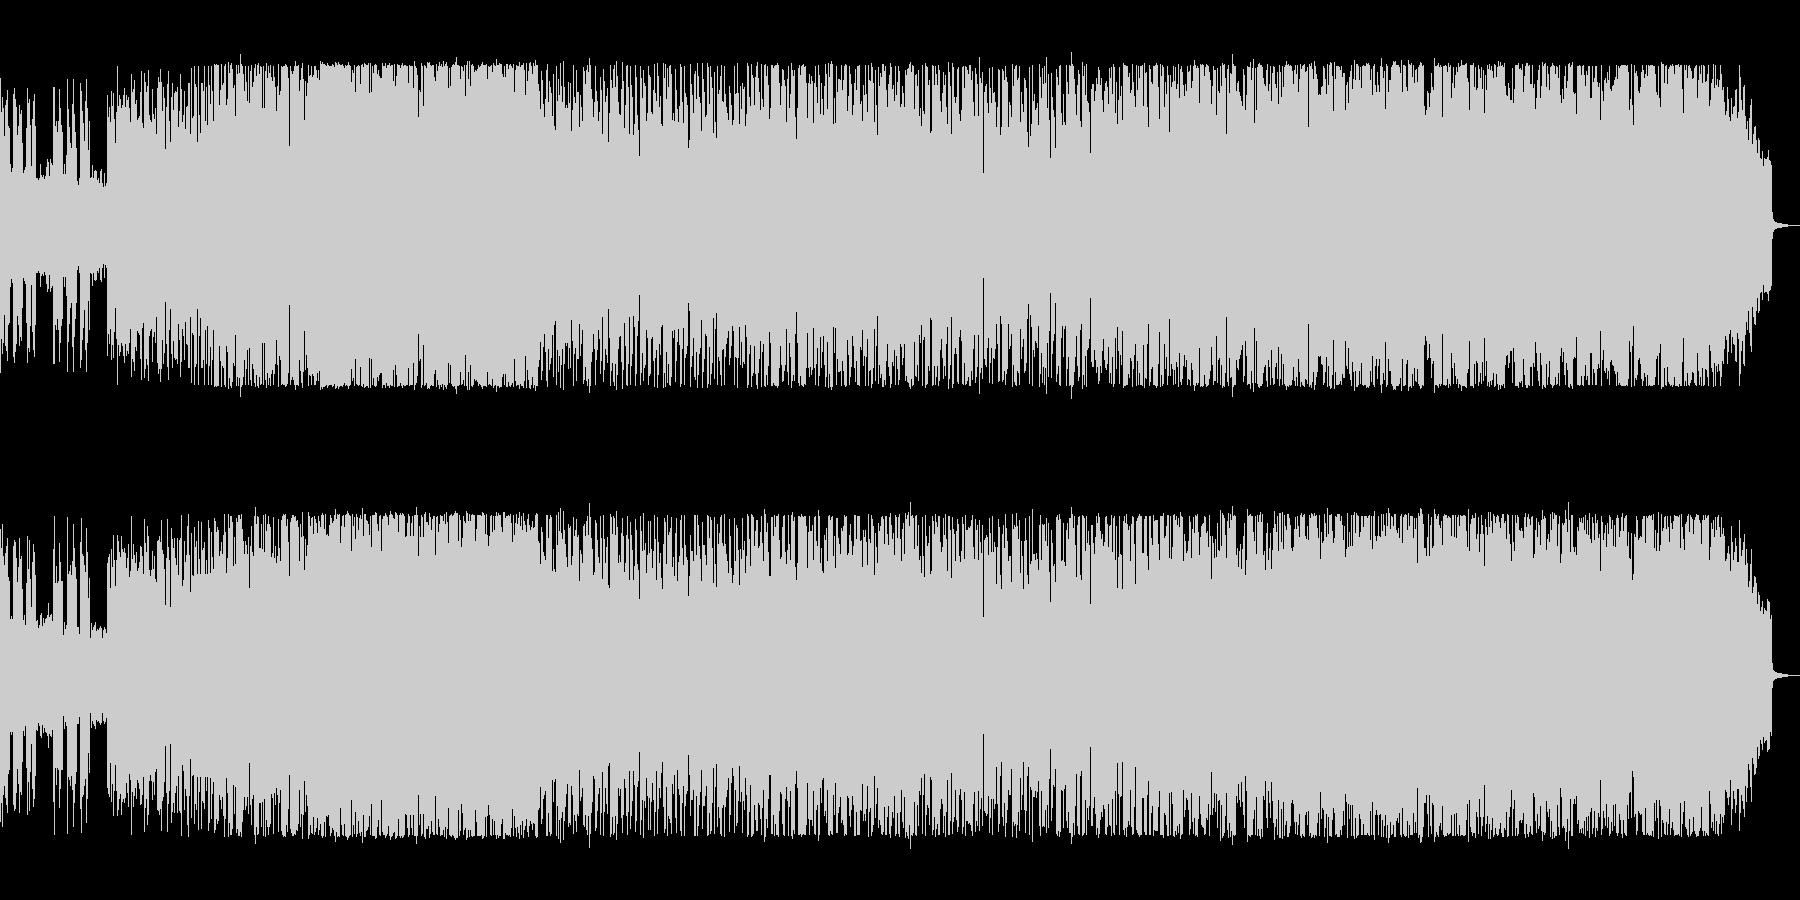 躍動感あふれるEDMの未再生の波形